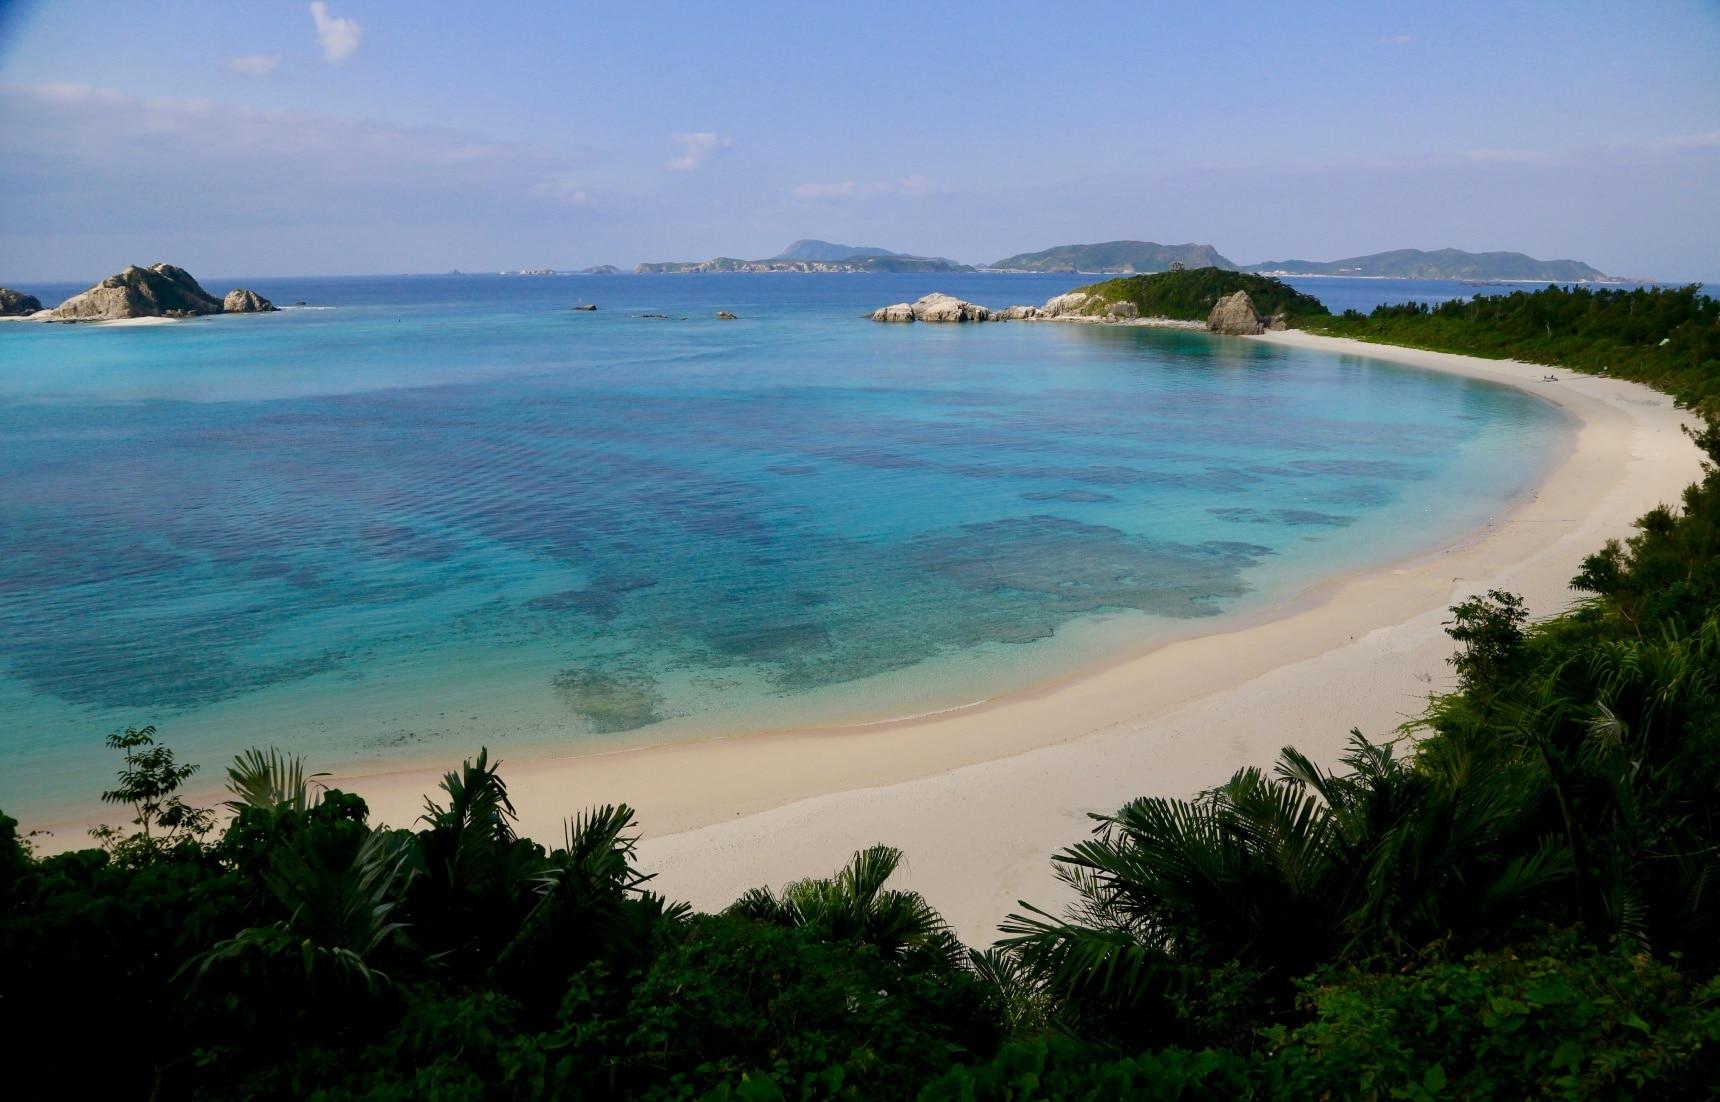 일본의 자랑, 파라다이스를 담은 바다